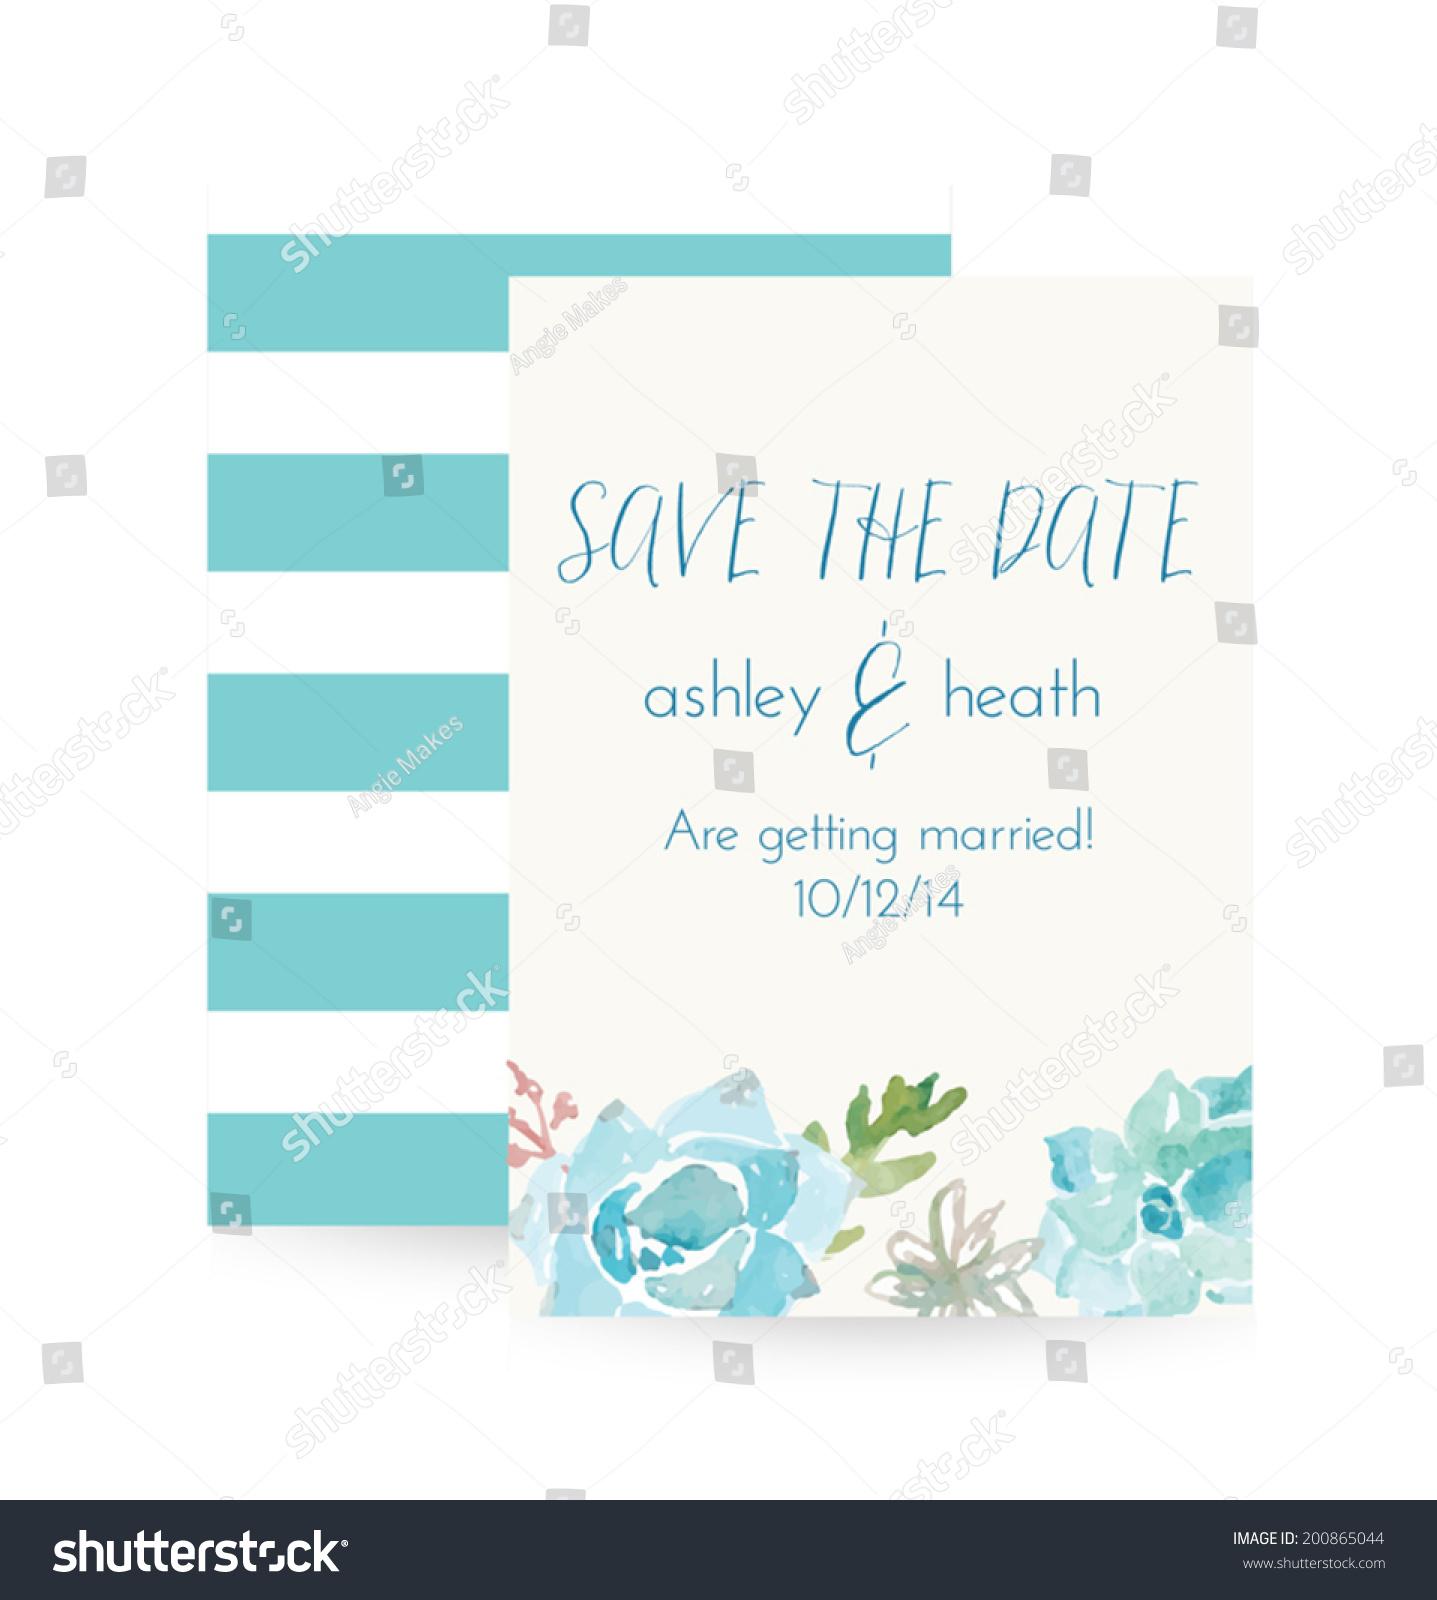 succulent wedding invitations succulent wedding invitations Romantic Succulents wedding invitation suite